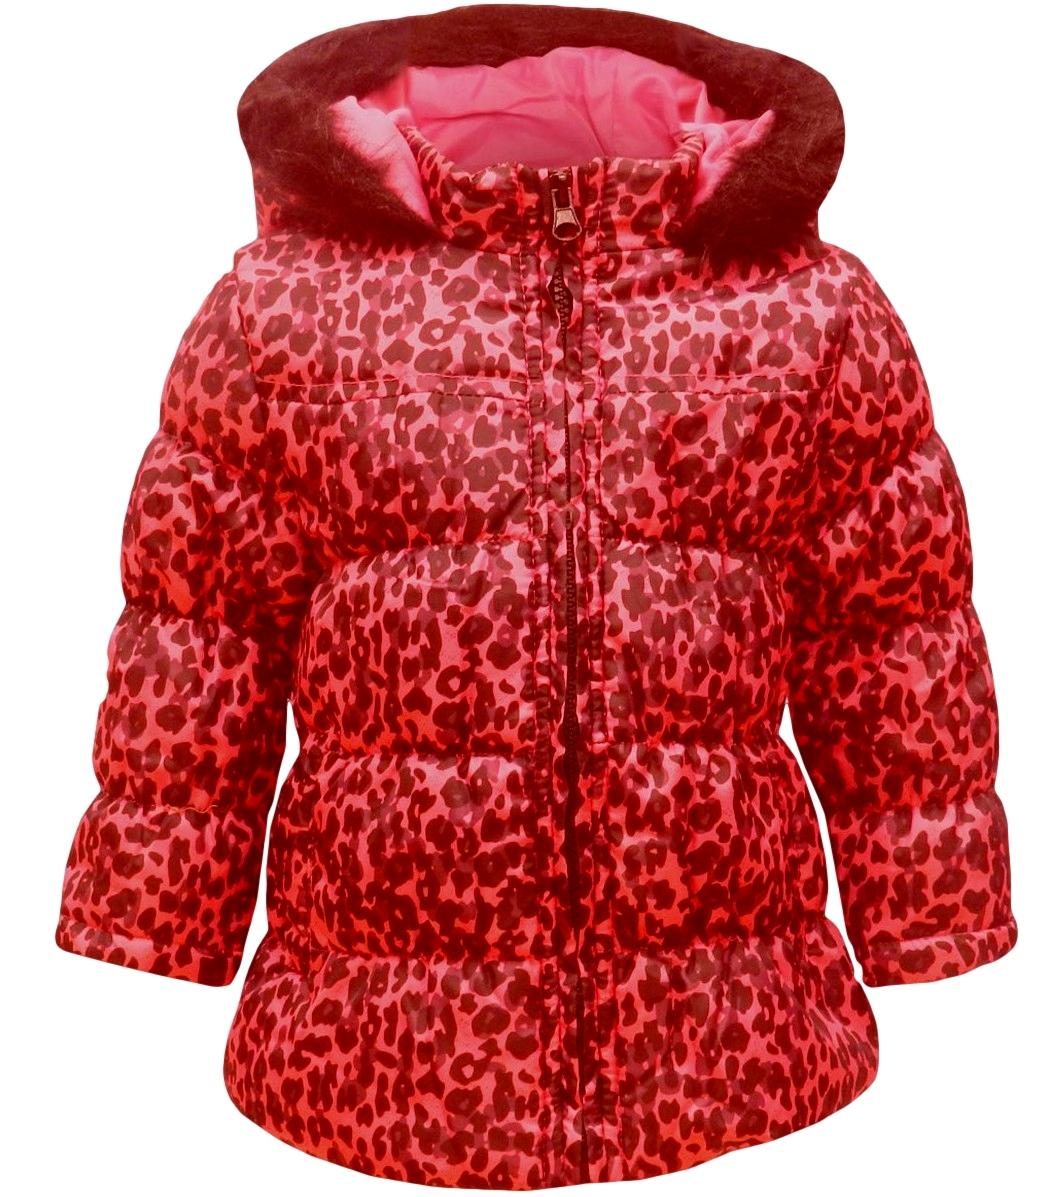 Dívčí zimní kabátek Minx vel. 80/86, 86/92, 92/98,98/104 růžový s černou